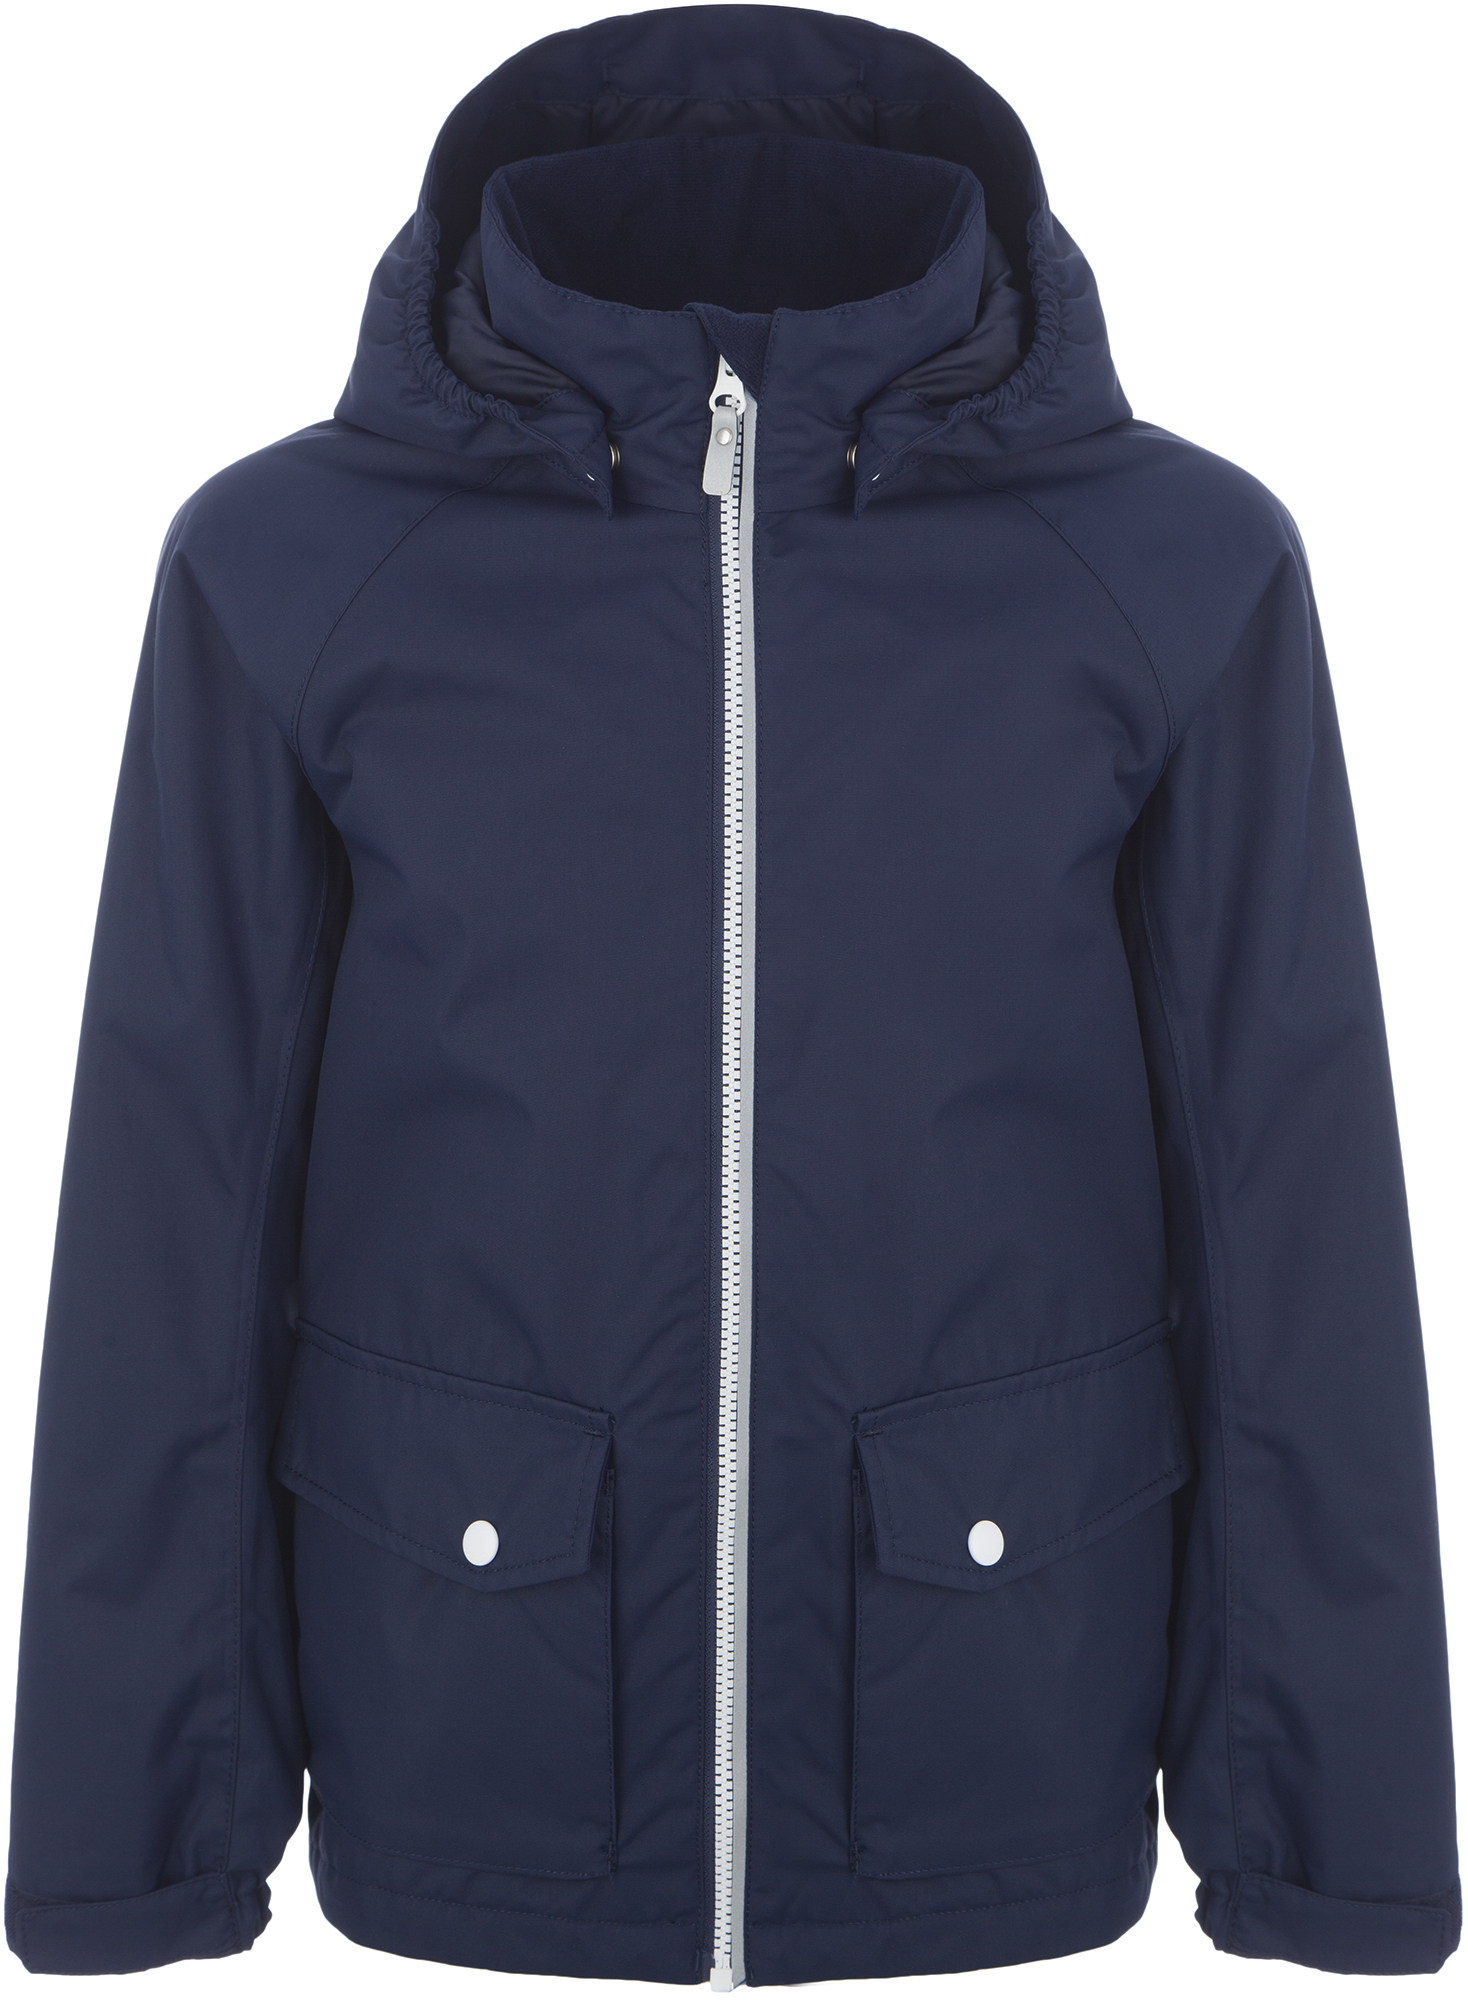 Reima Куртка утепленная для мальчиков Reima Knot, размер 146